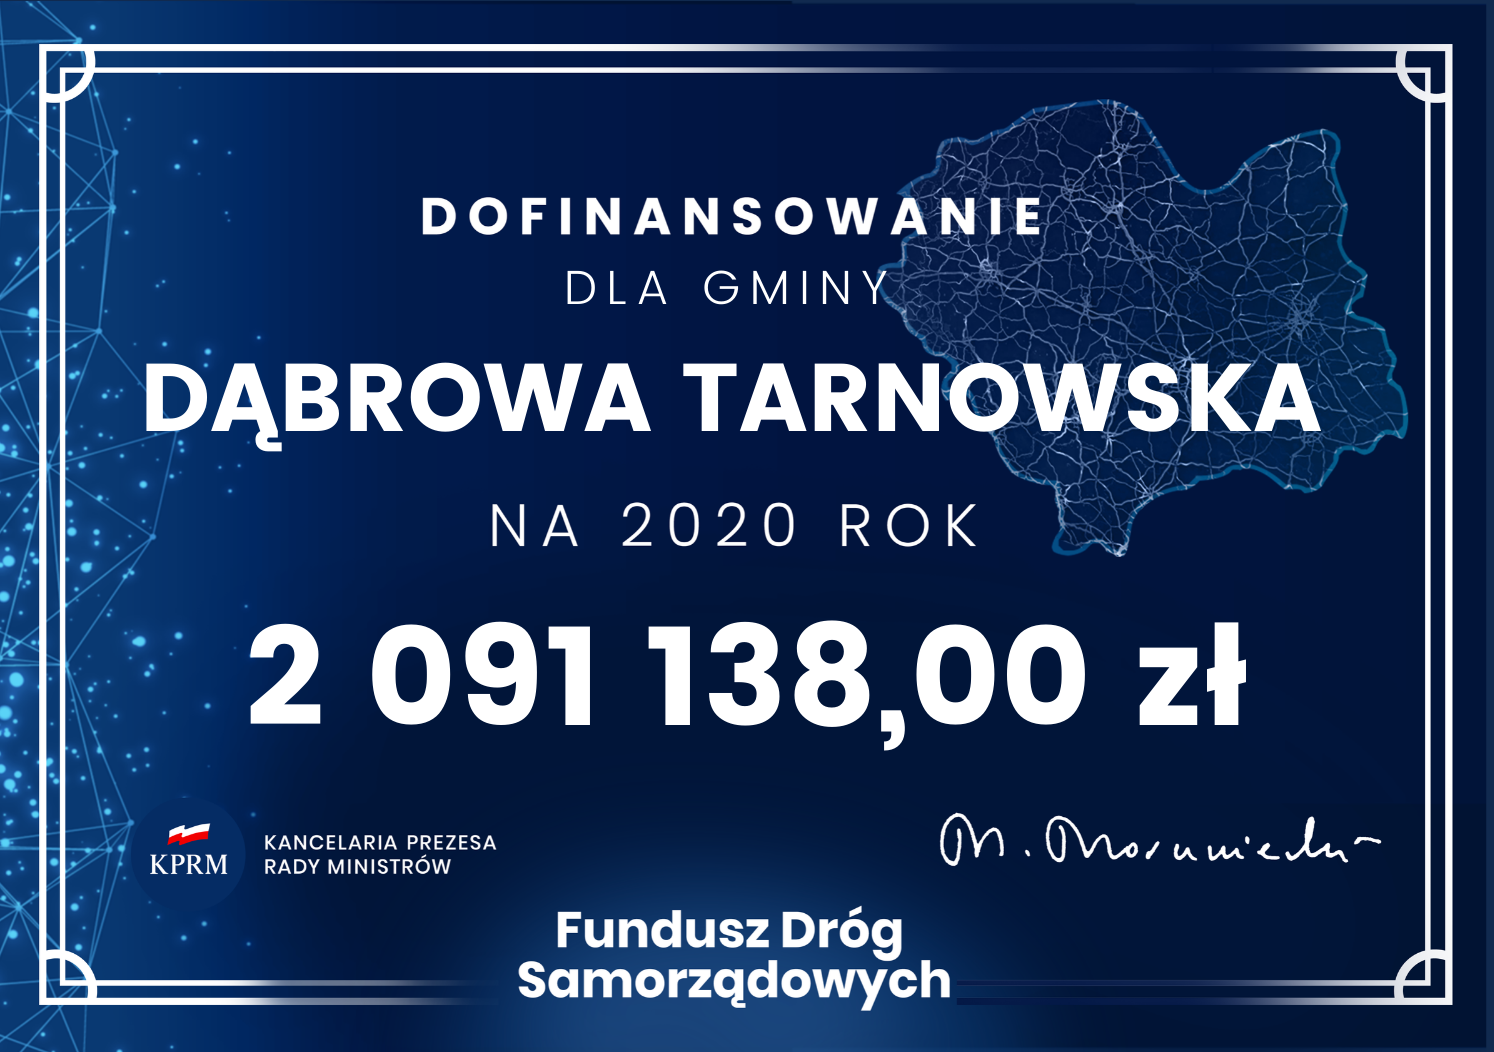 FDS 2020 GMINA DĄBROWA TARNOWSKA Promesa z Funduszu Dróg Samorządowych na inwestycje drogowe w Dąbrowie Tarnowskiej